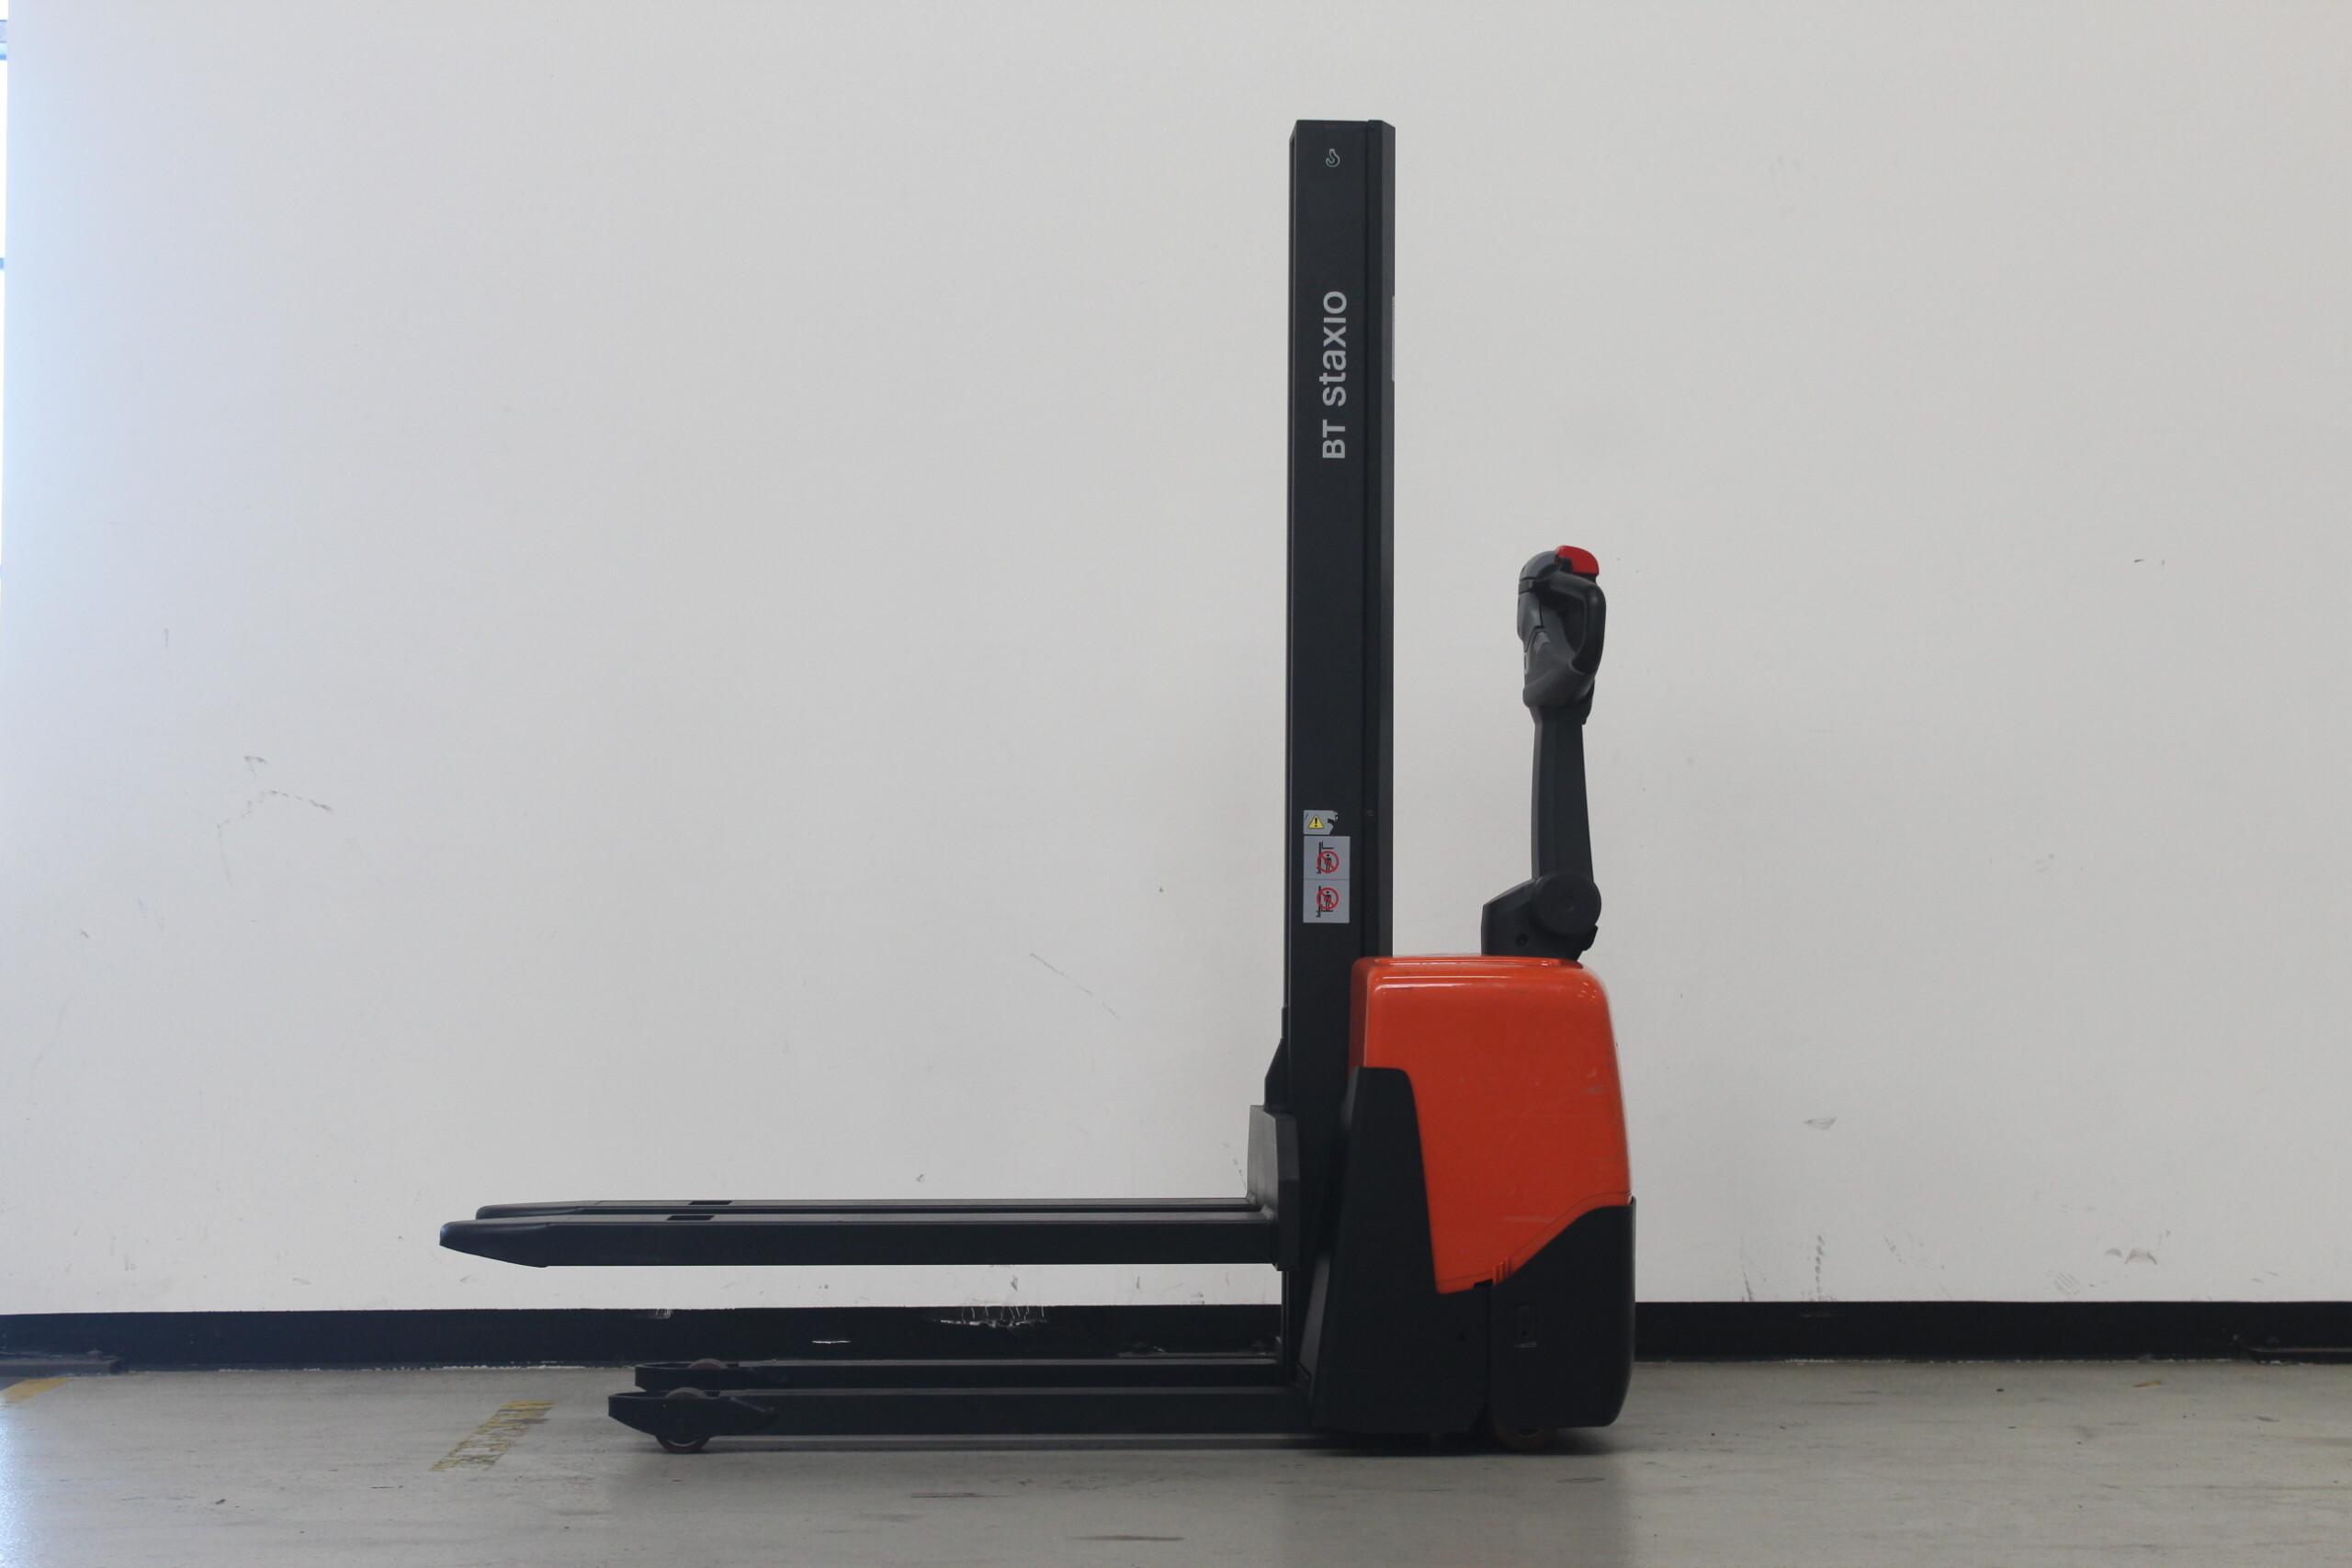 Toyota-Gabelstapler-59840 1805024986 1 5 scaled